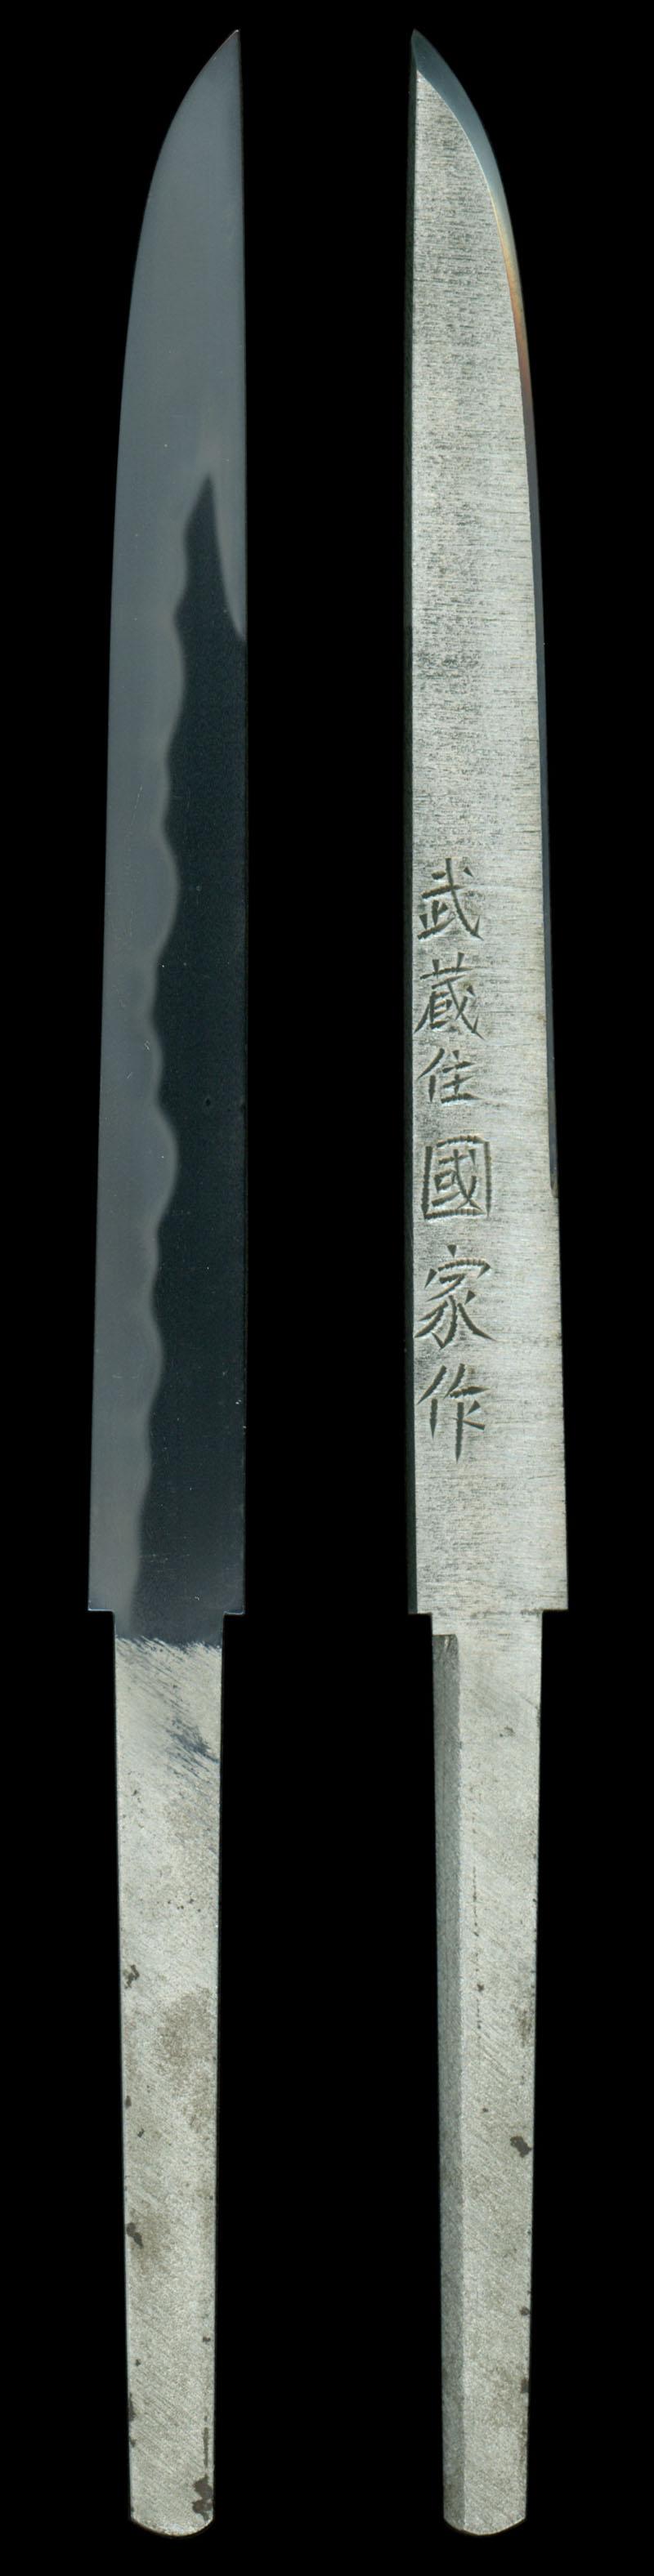 小刀 武蔵住國家作(吉原国家)(無監査刀匠)Picture of whole